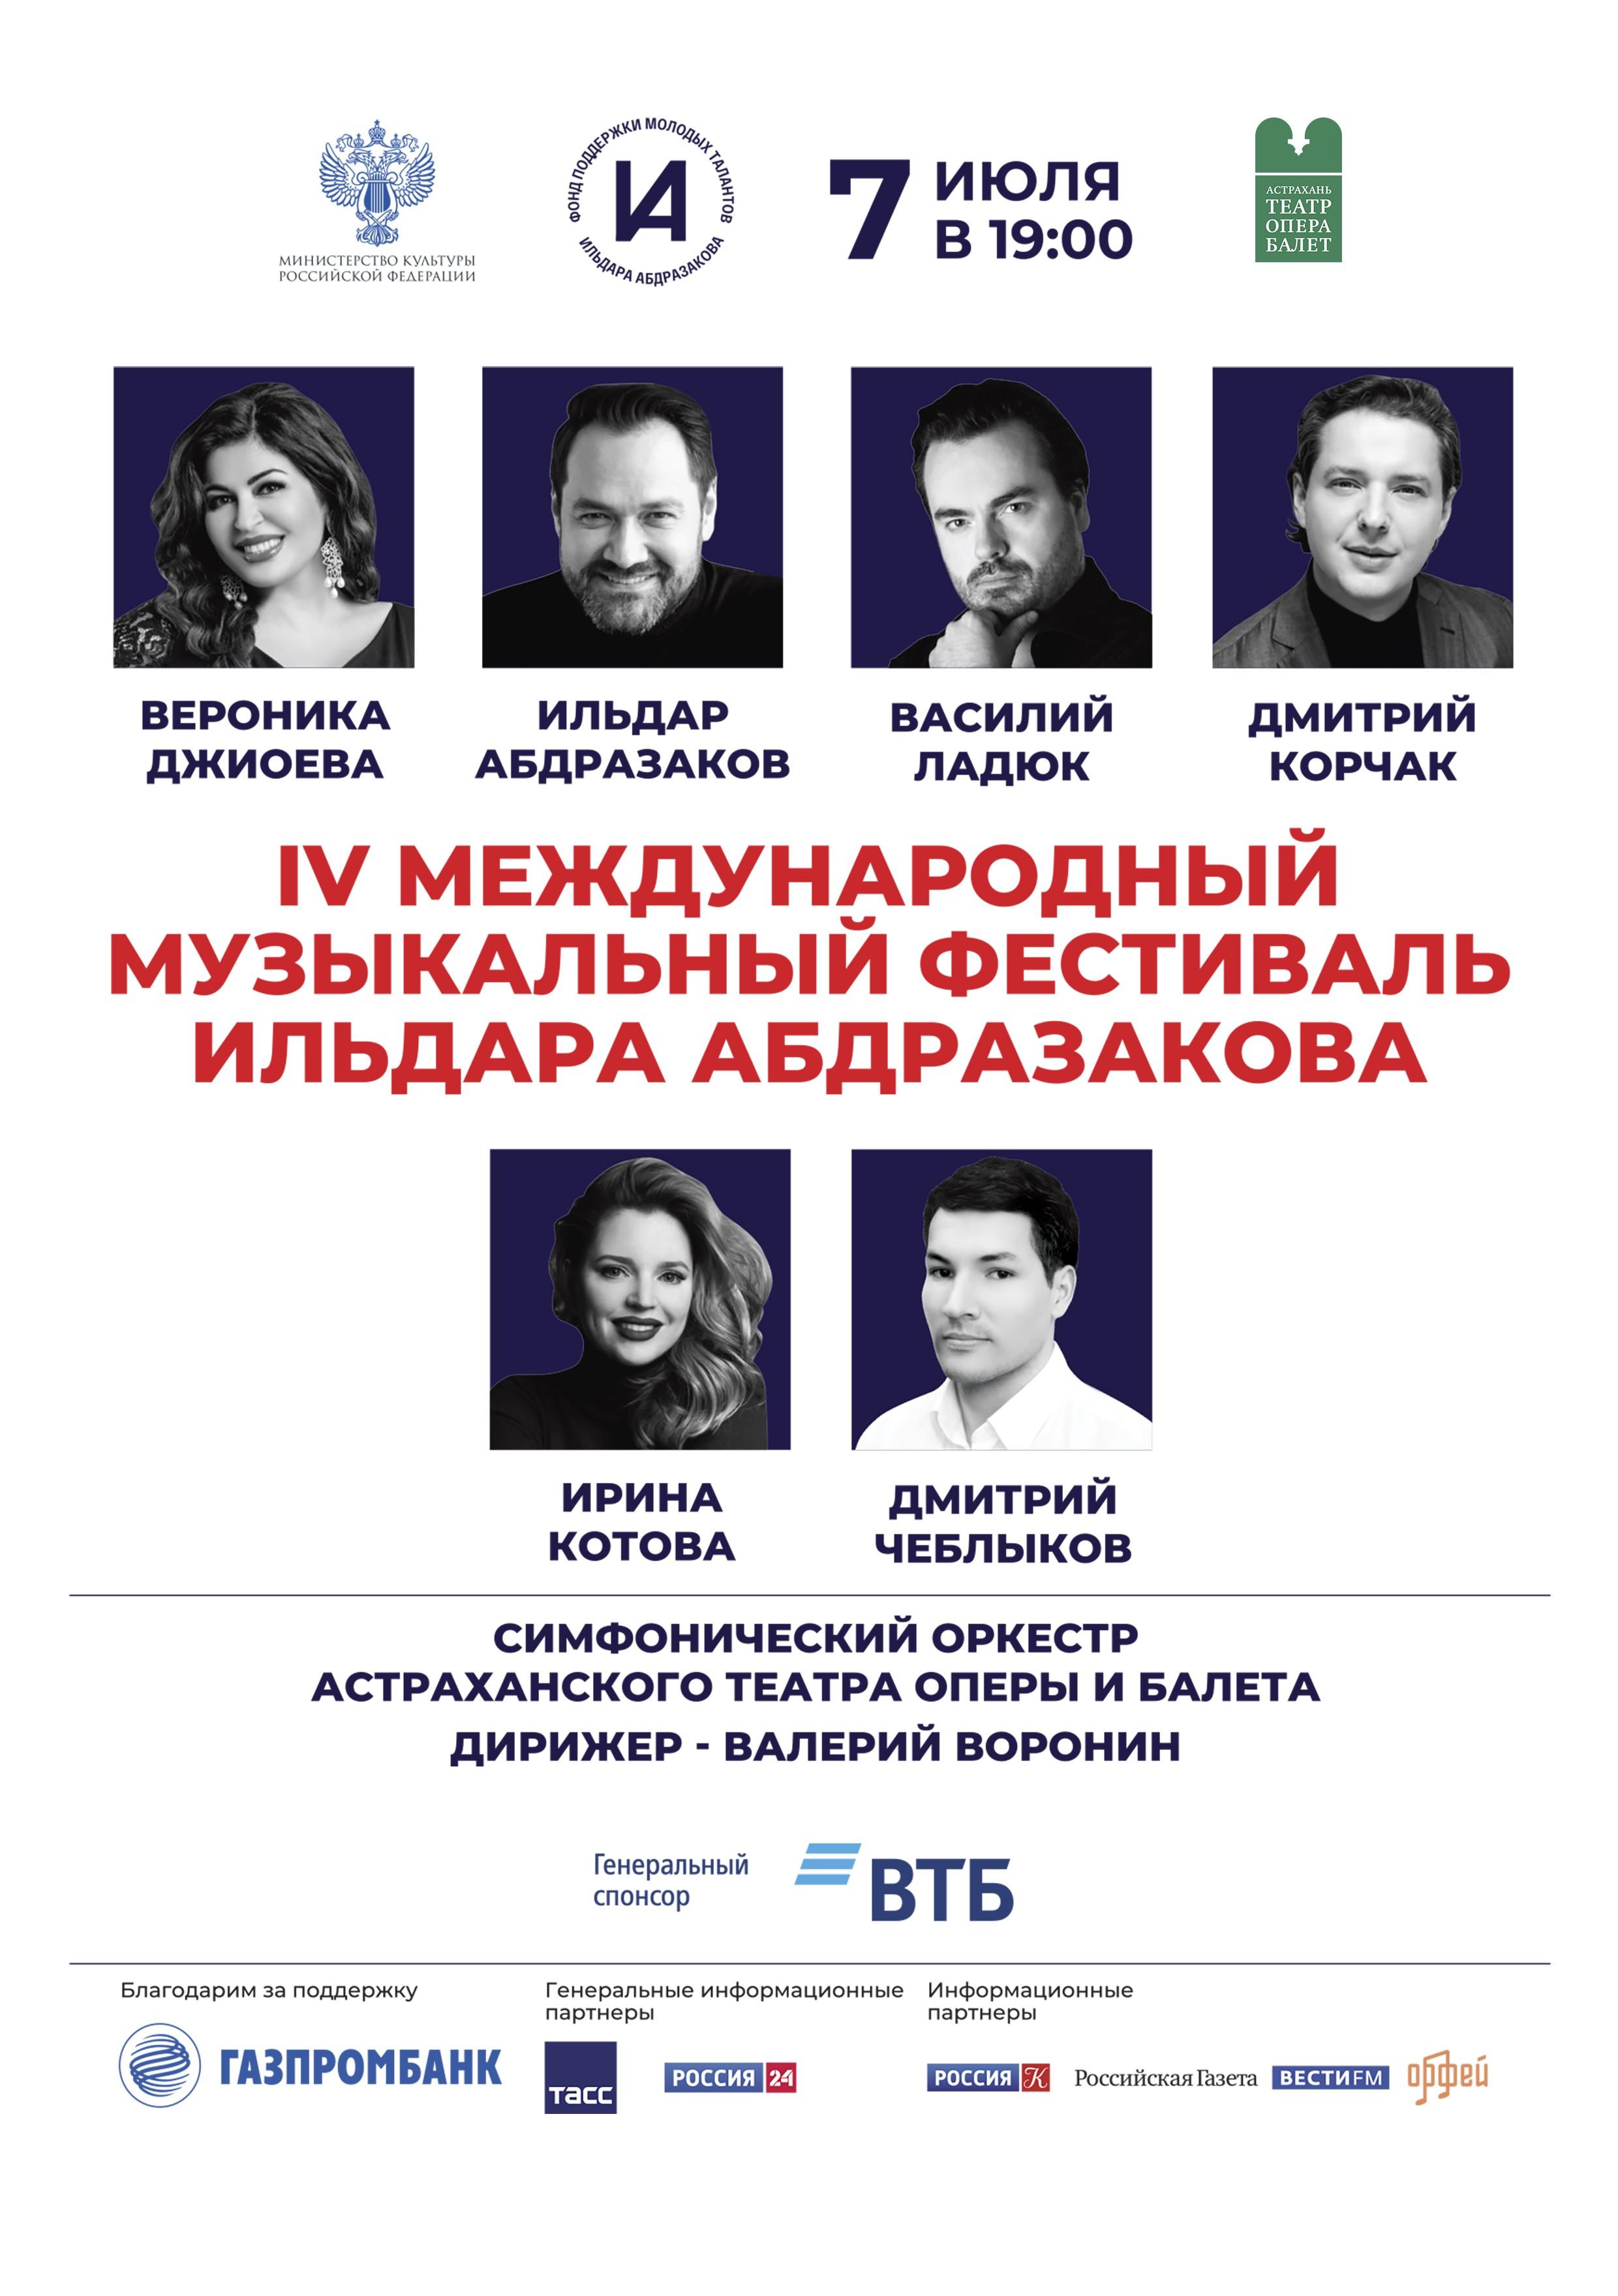 Закрытие IV Международного музыкального фестиваля Ильдара Абдразакова.